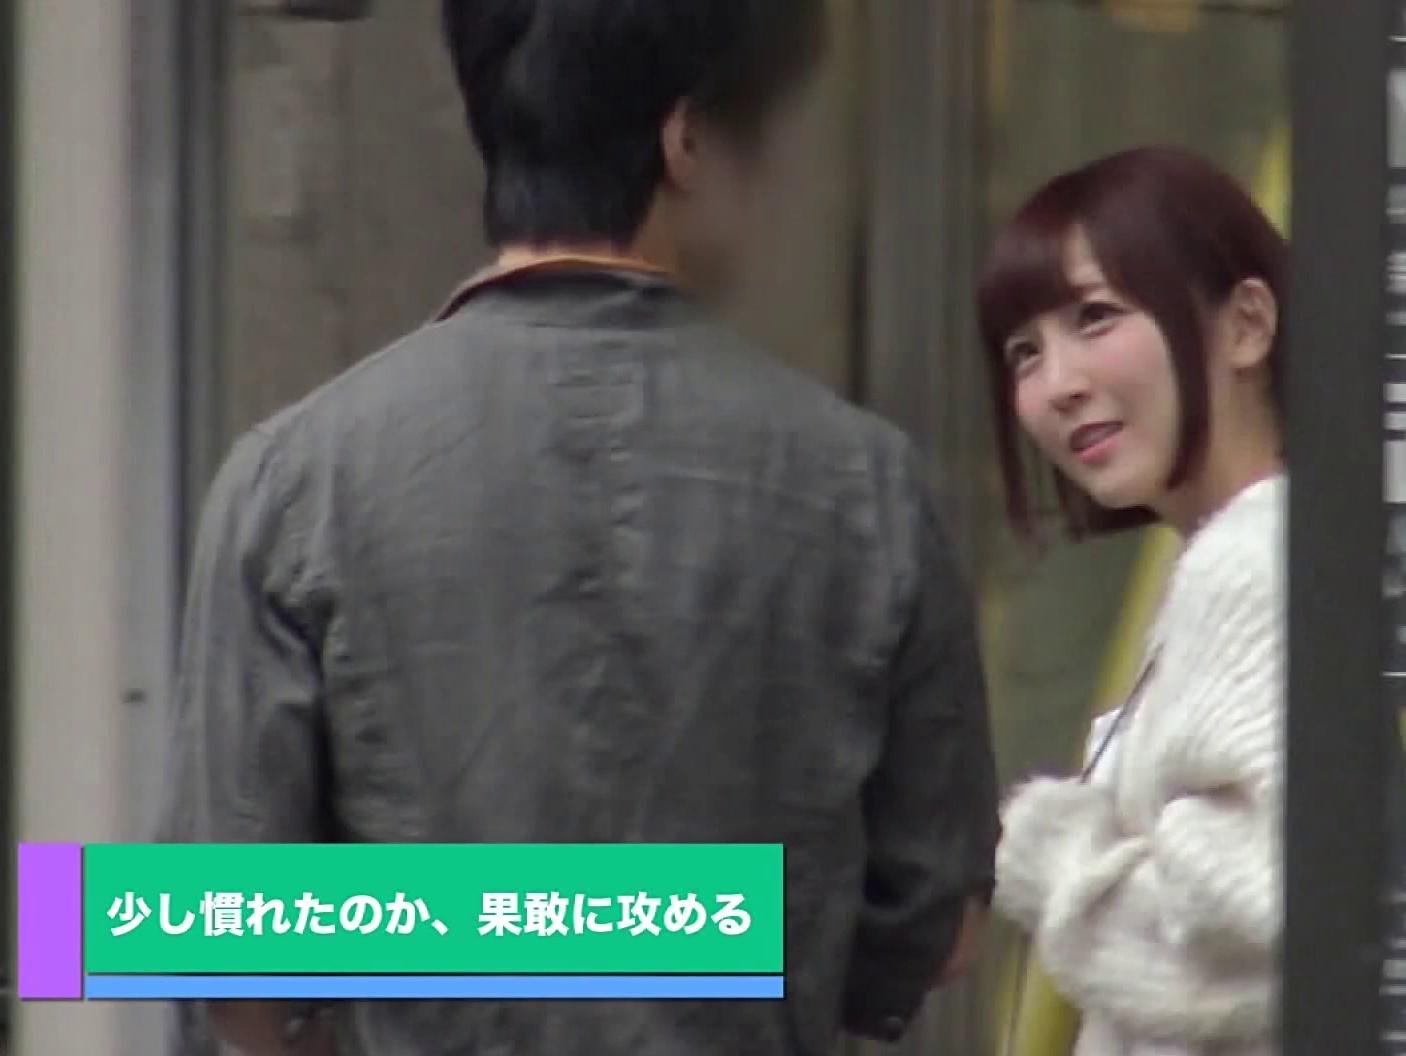 【素人ナンパ】「こんな可愛い娘に声かけられたら断れないだろww」京都でAVガチ交渉→SEXまで持っていけるのか!?